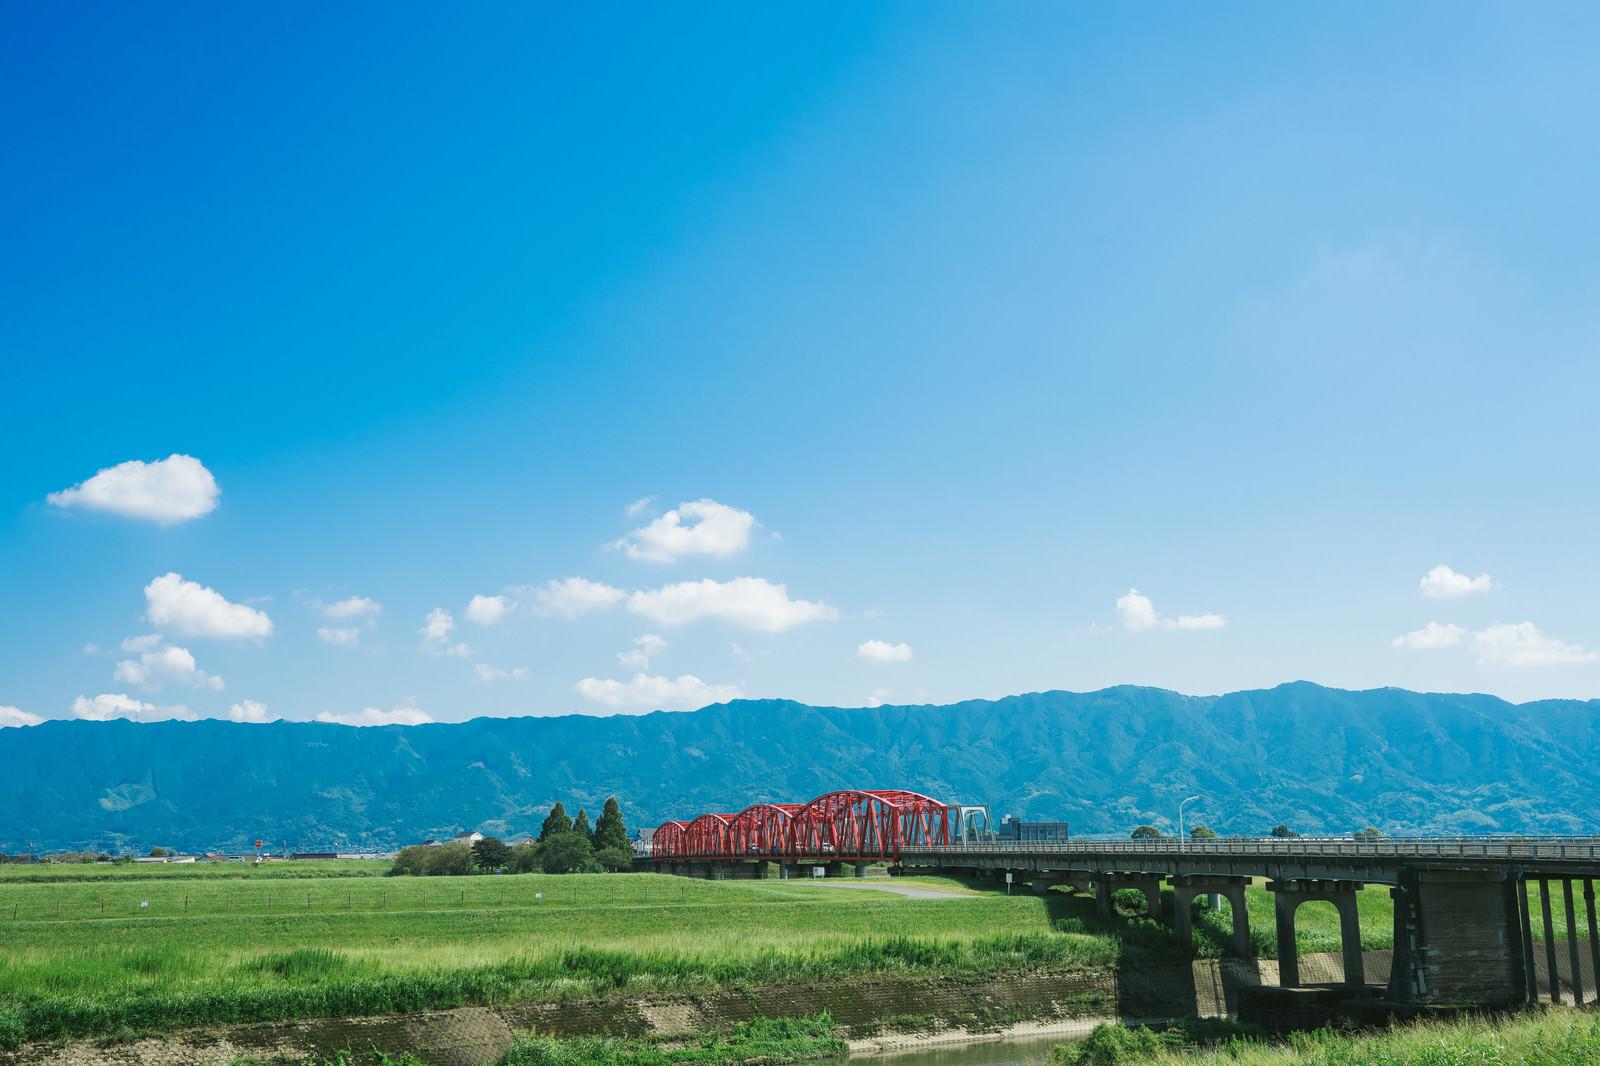 「片の瀬橋の景観(三井郡大刀洗)」の写真